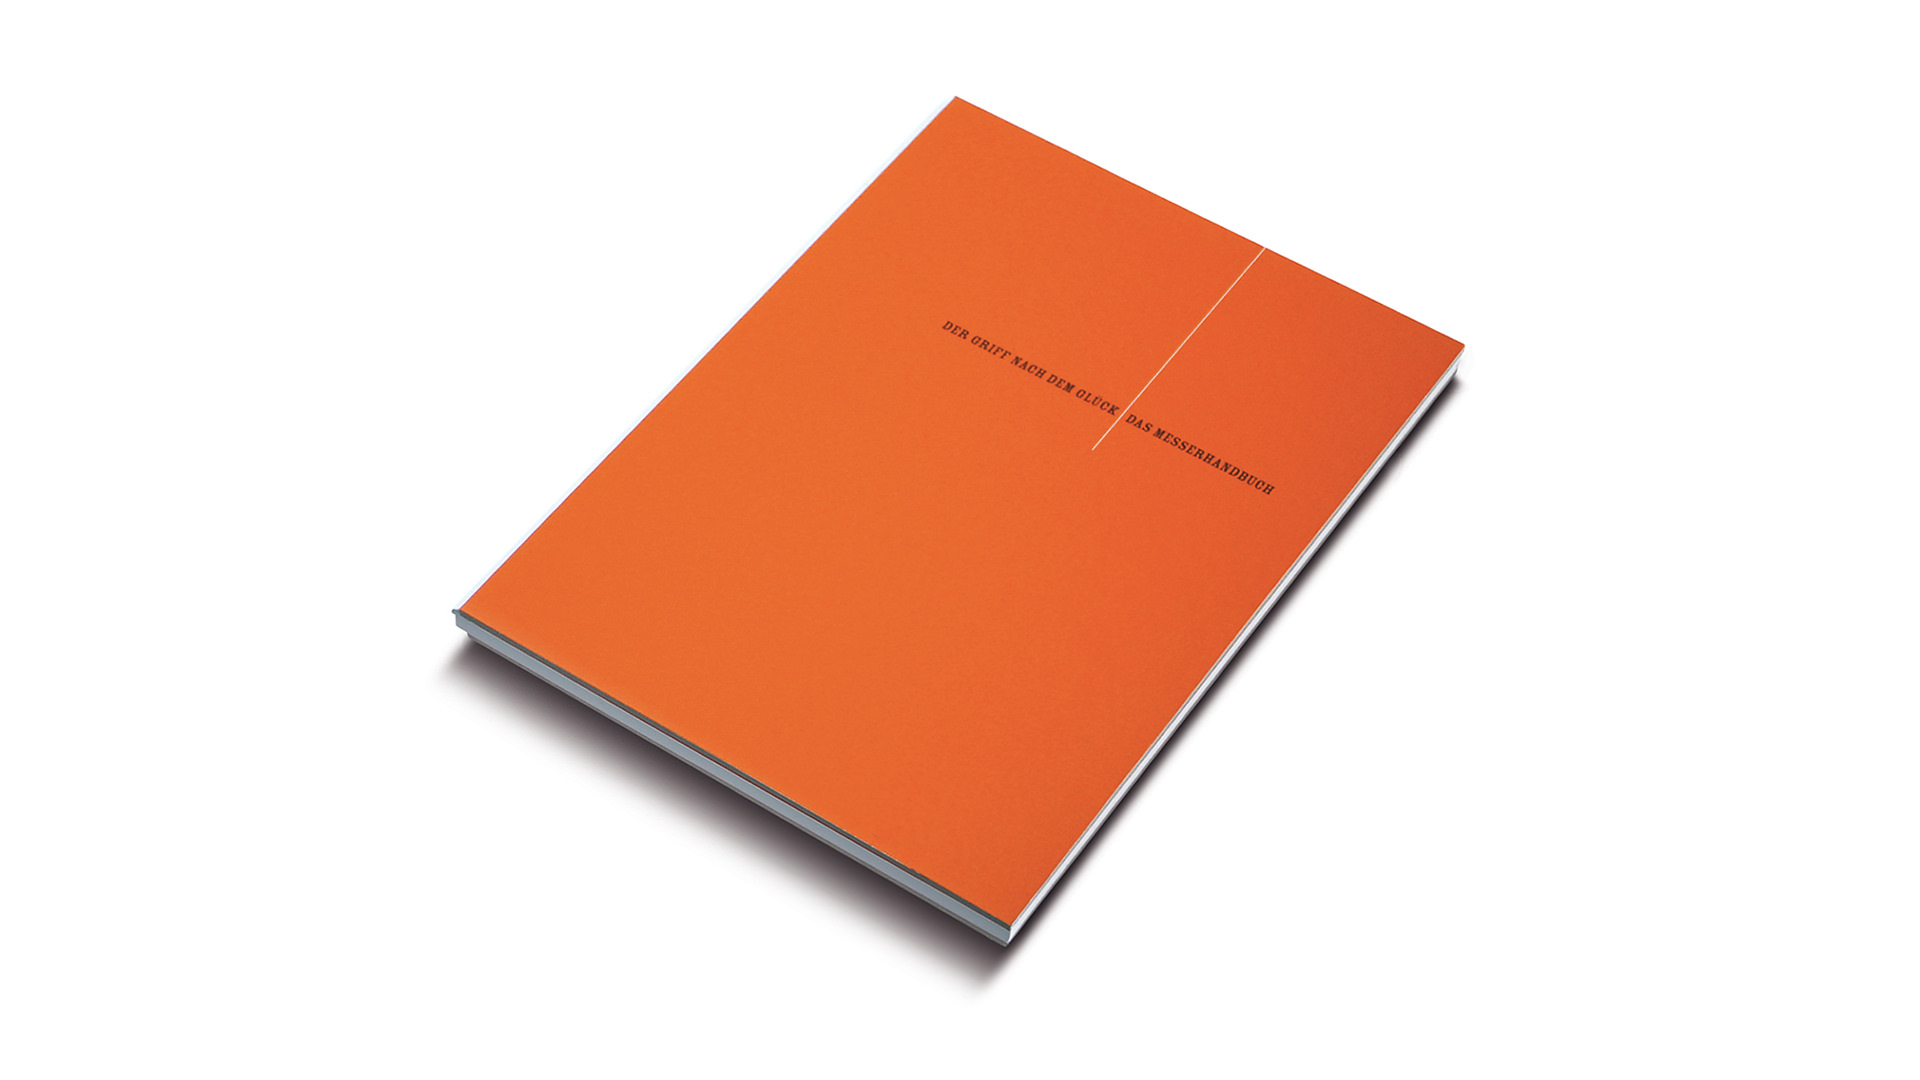 Messerhandbuch